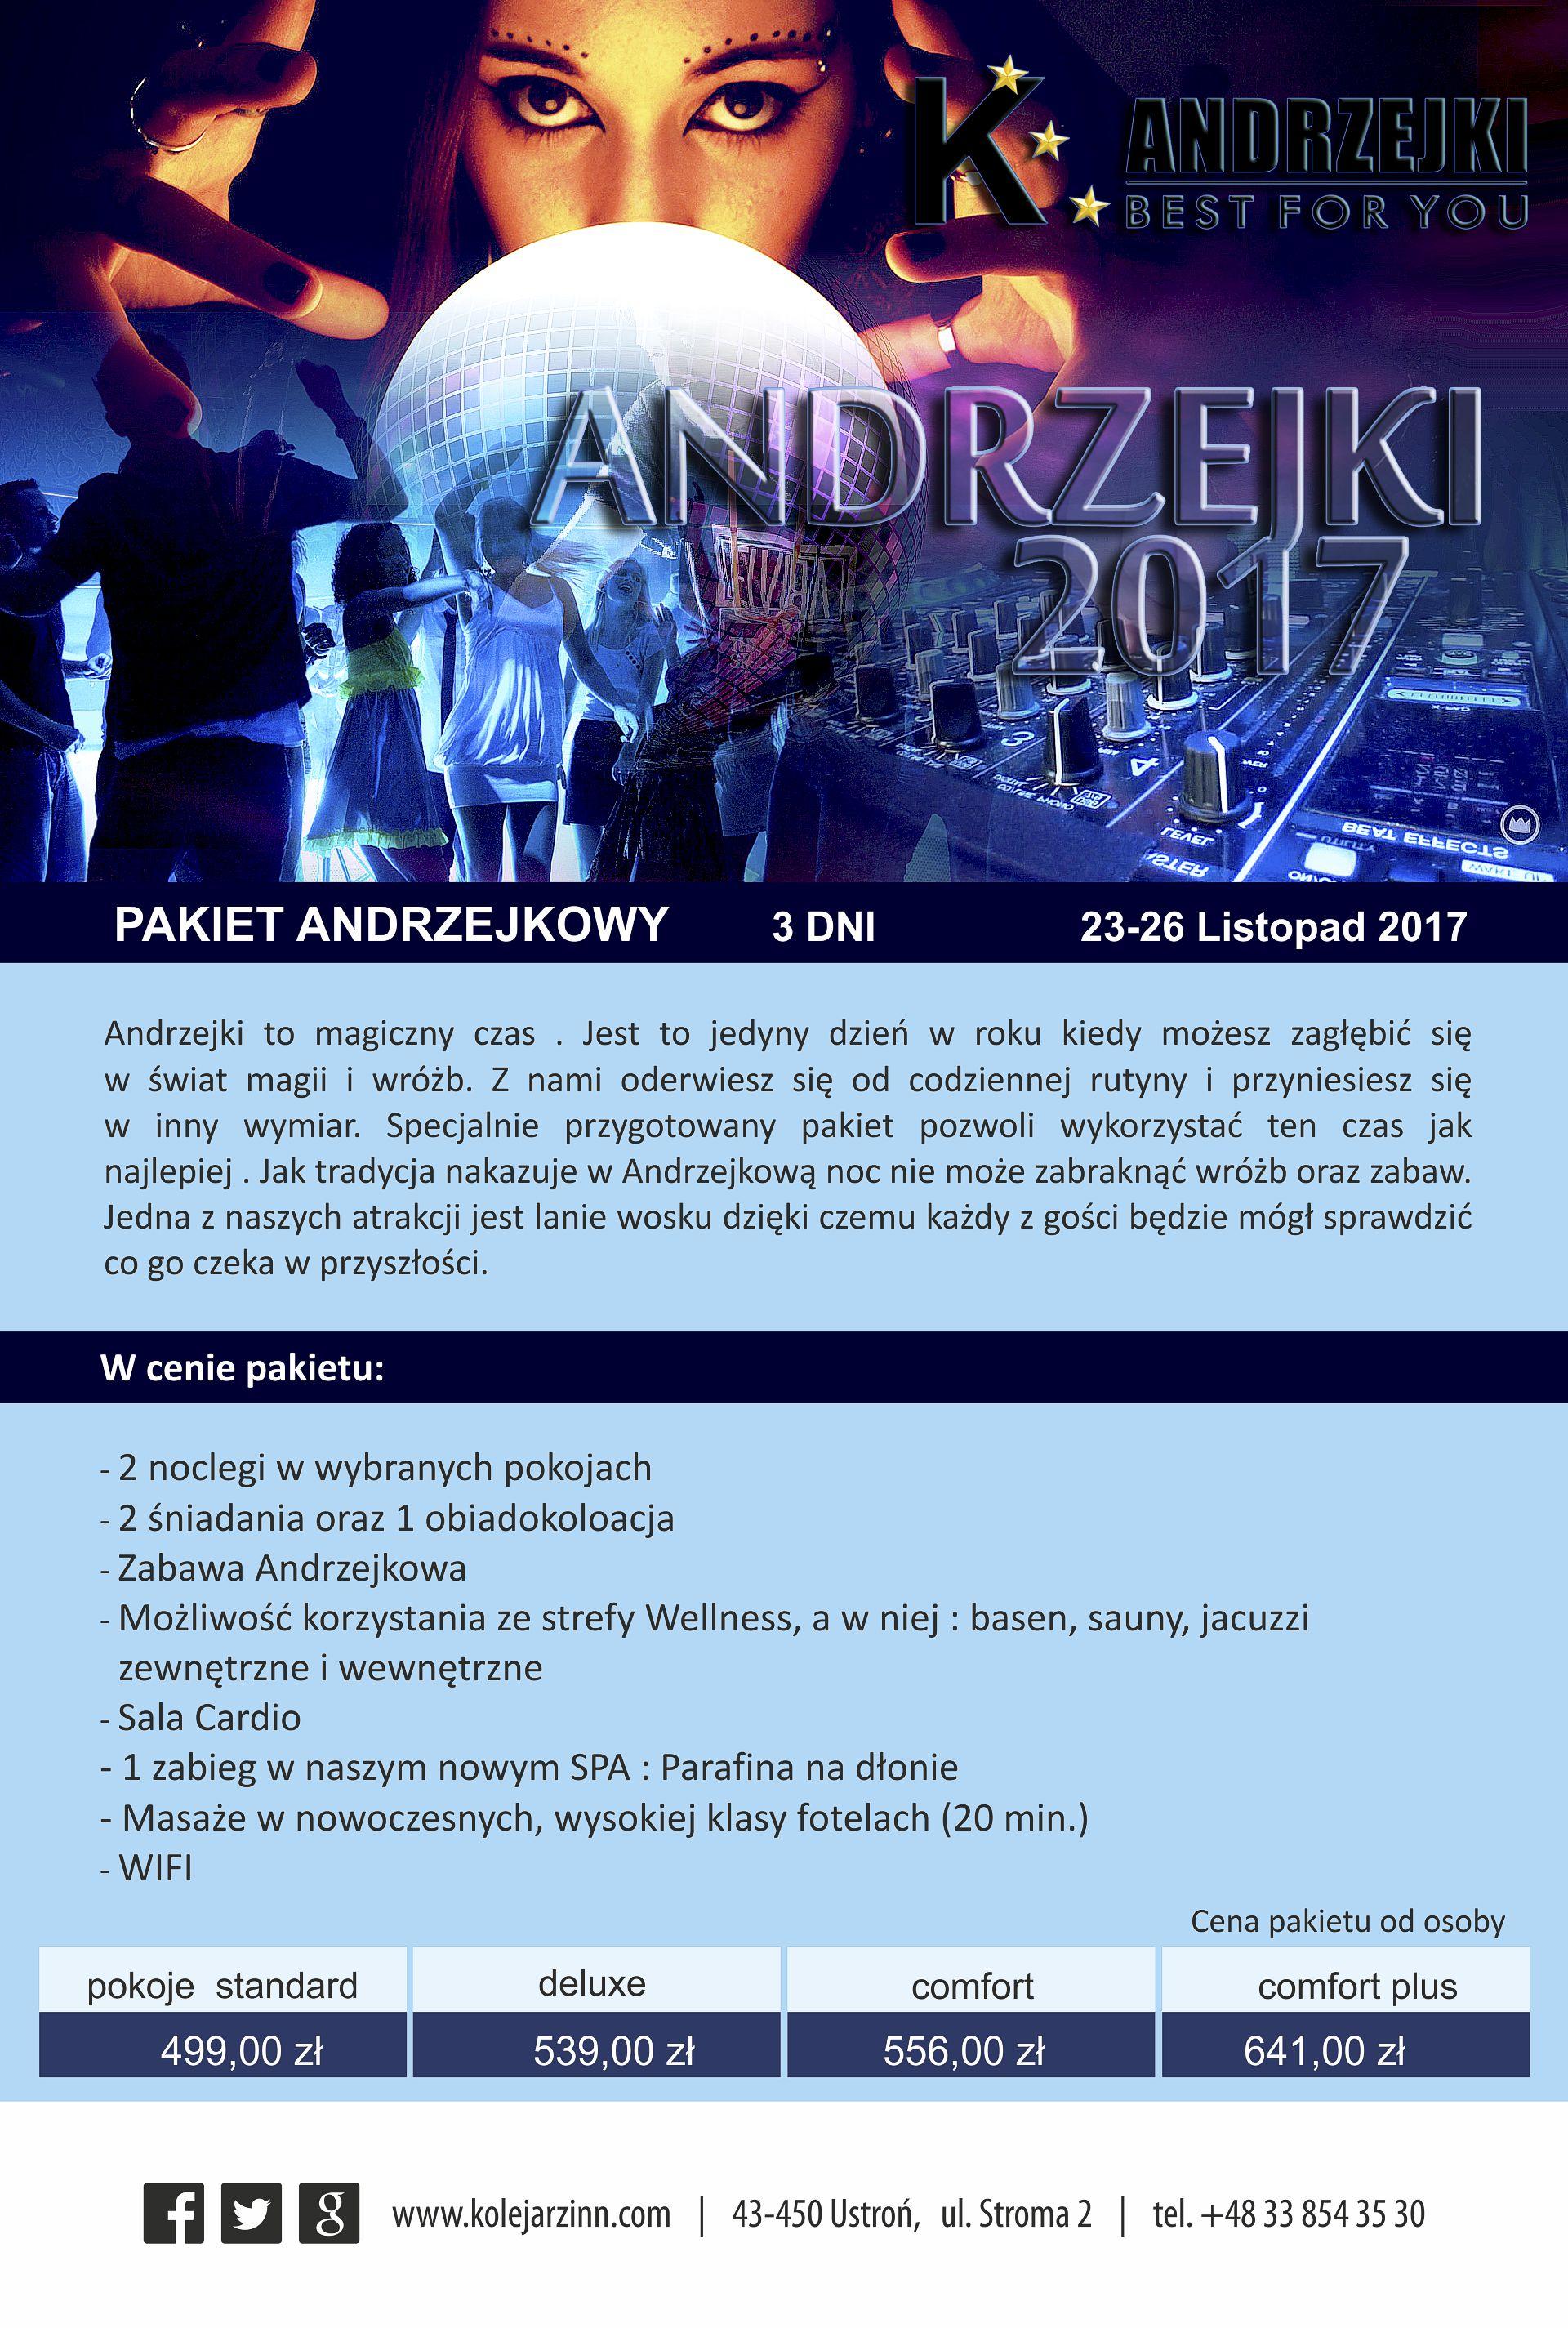 Pakiet_andrzejki_2017